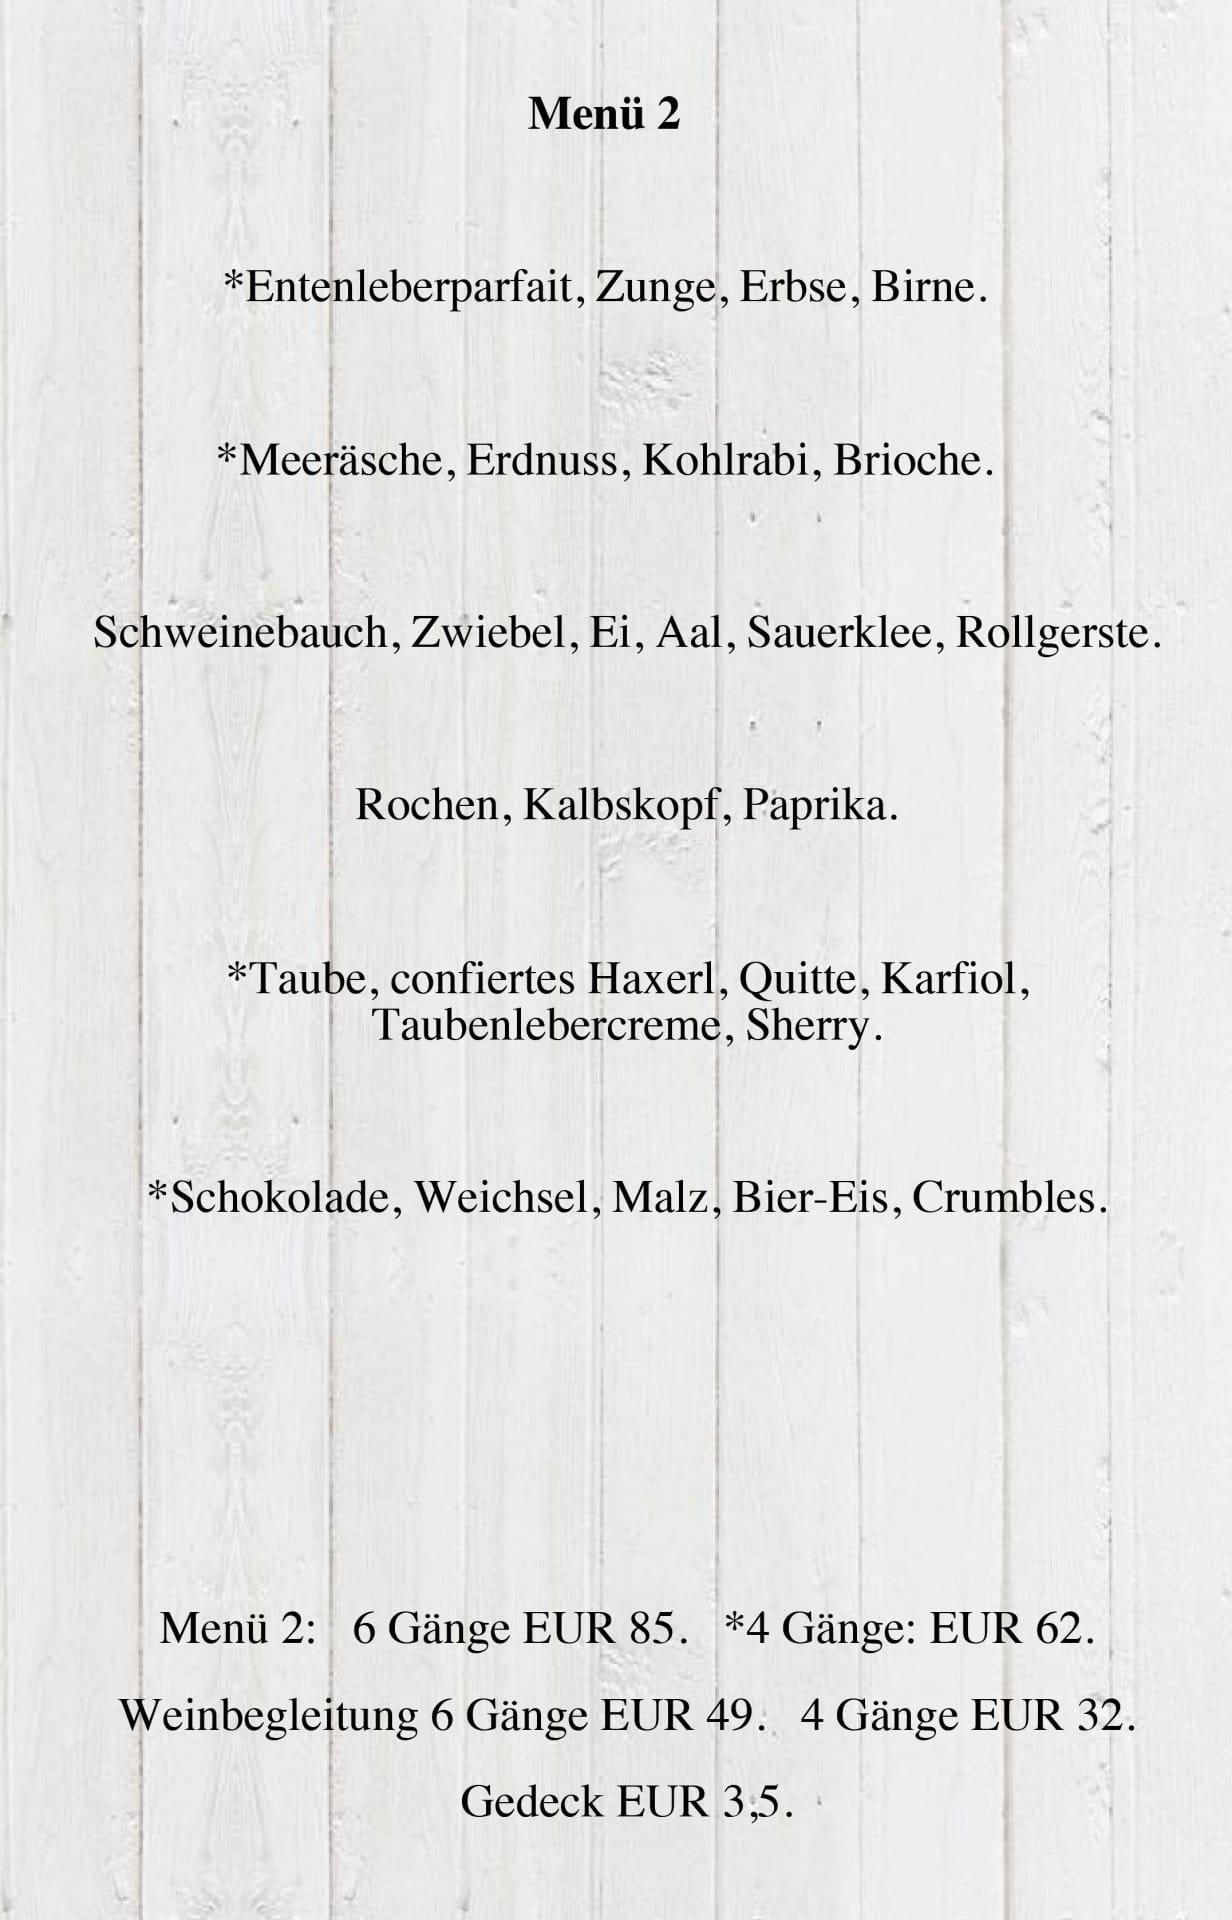 Kf menu2